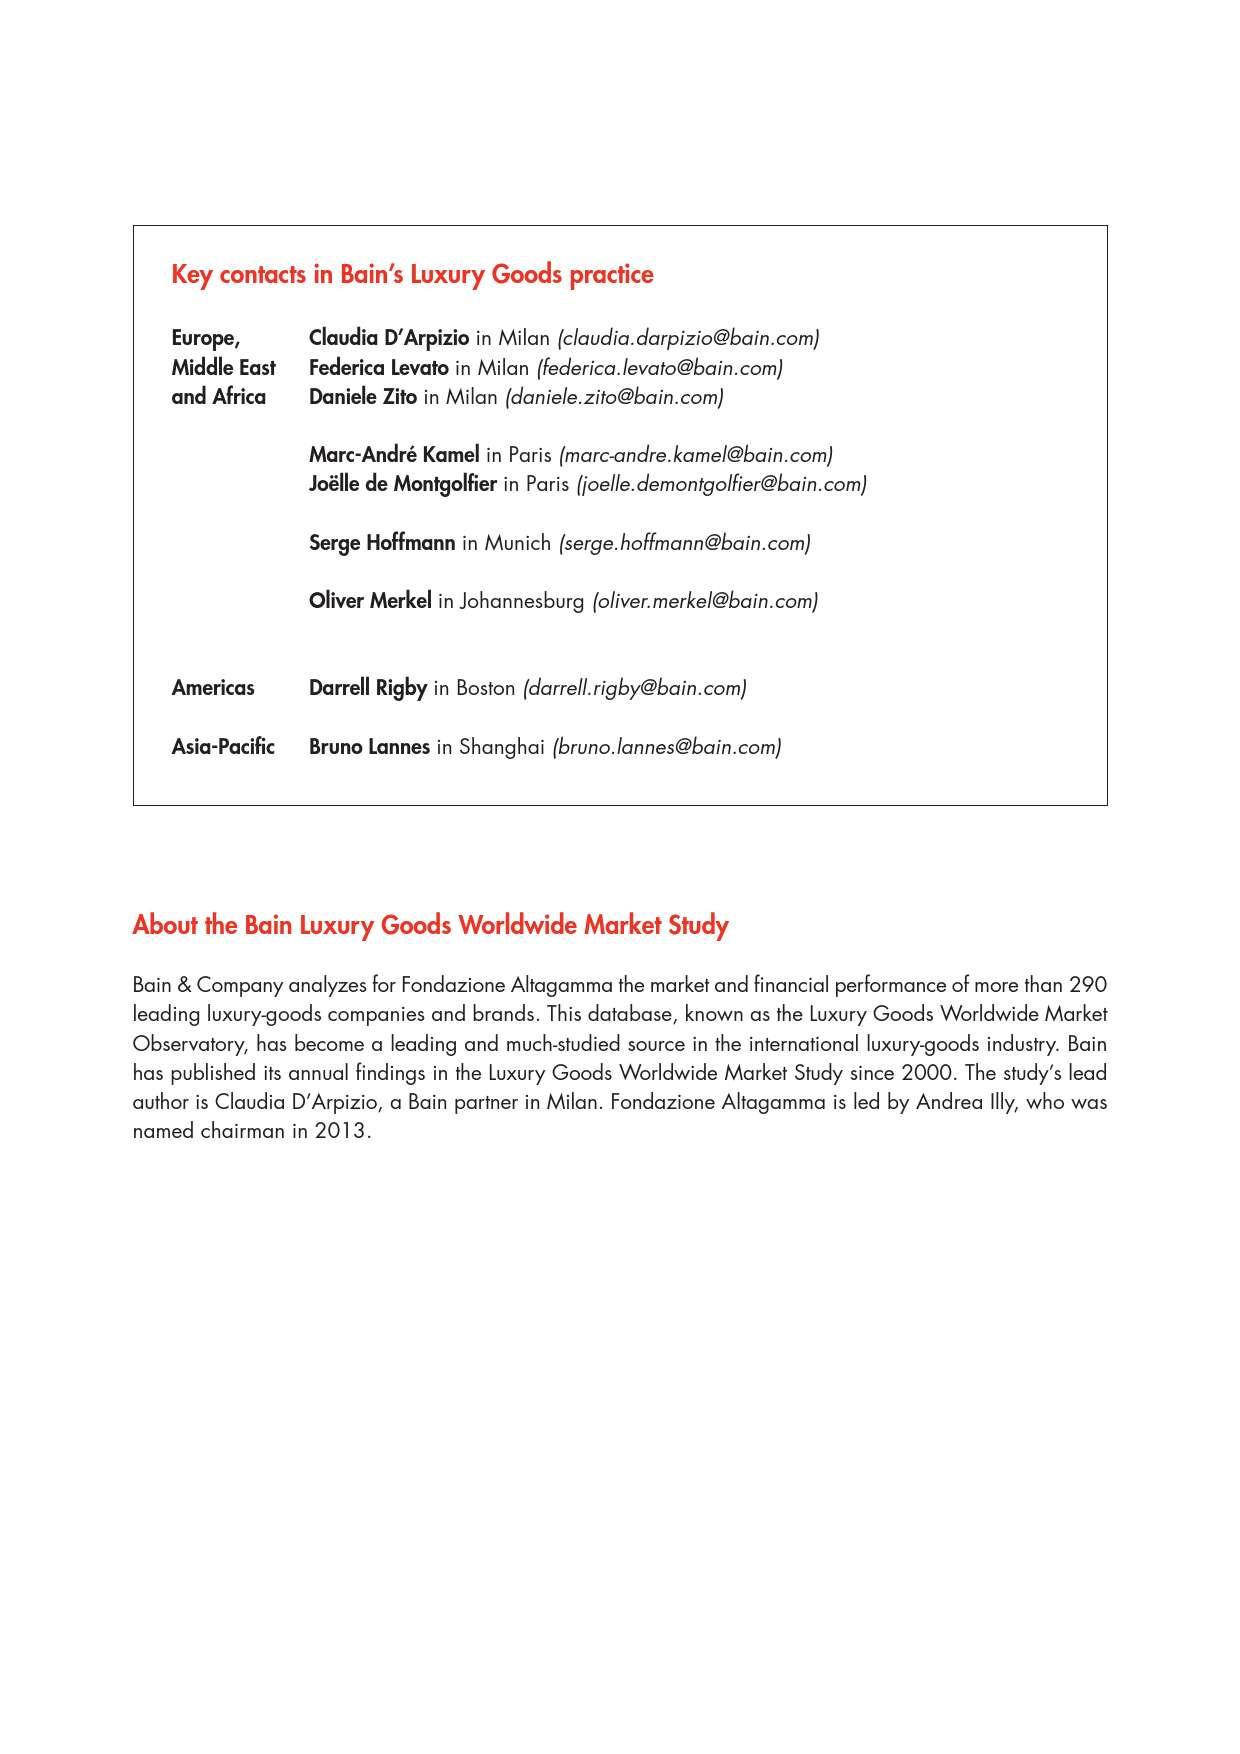 2015年全球奢侈品市场研究_000035